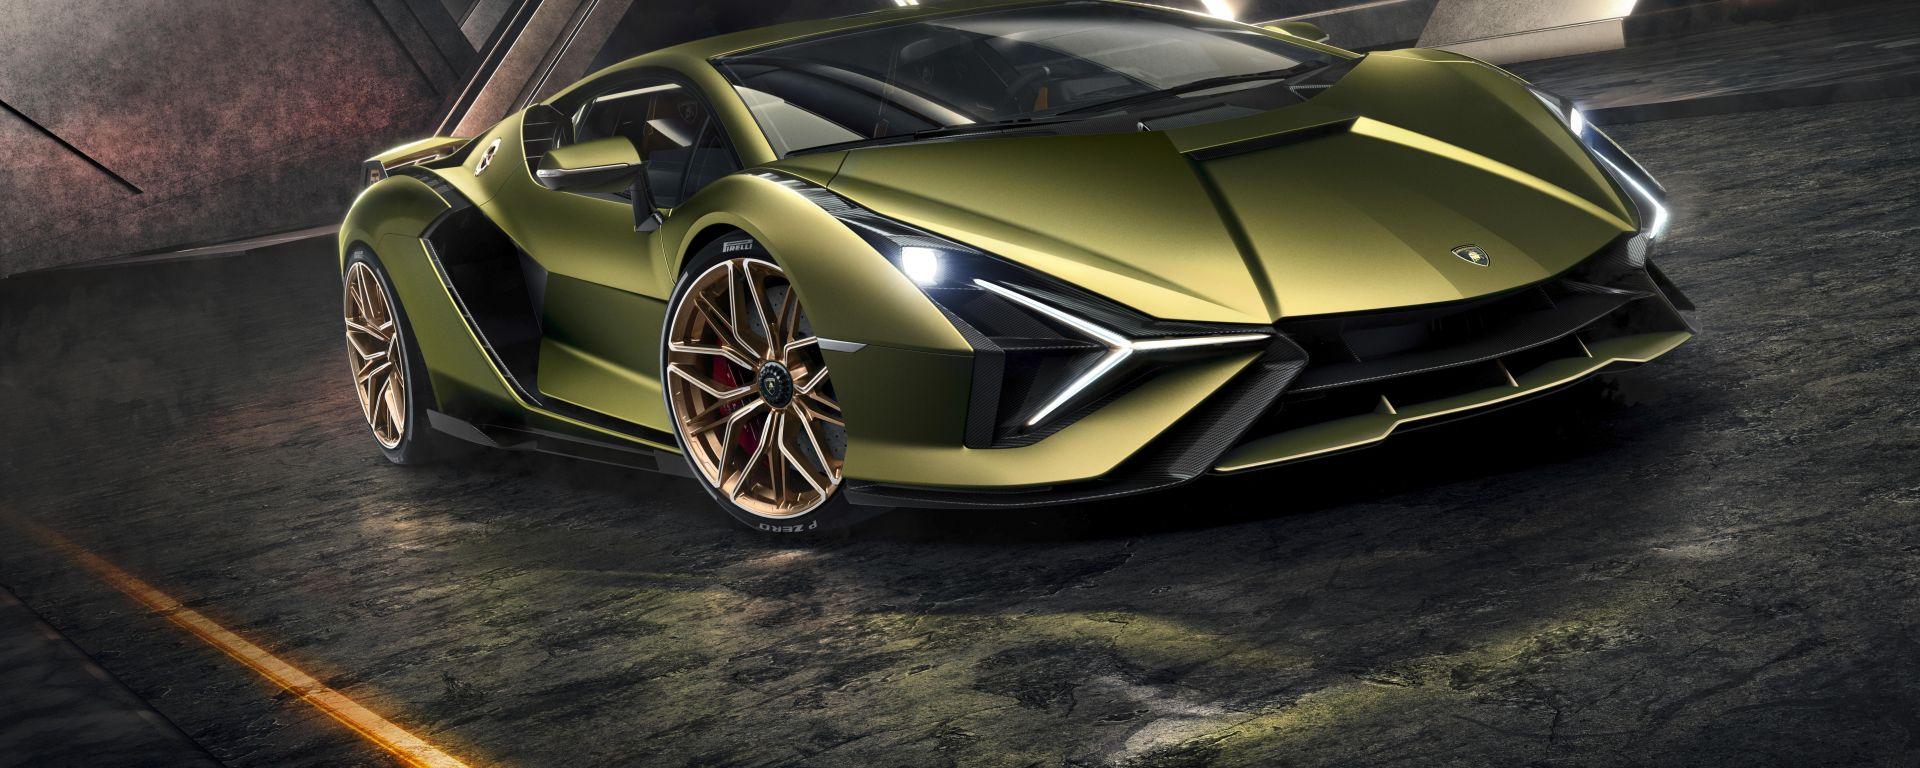 Lamborghini Sian: supersportiva ibrida in edizione iper limitata